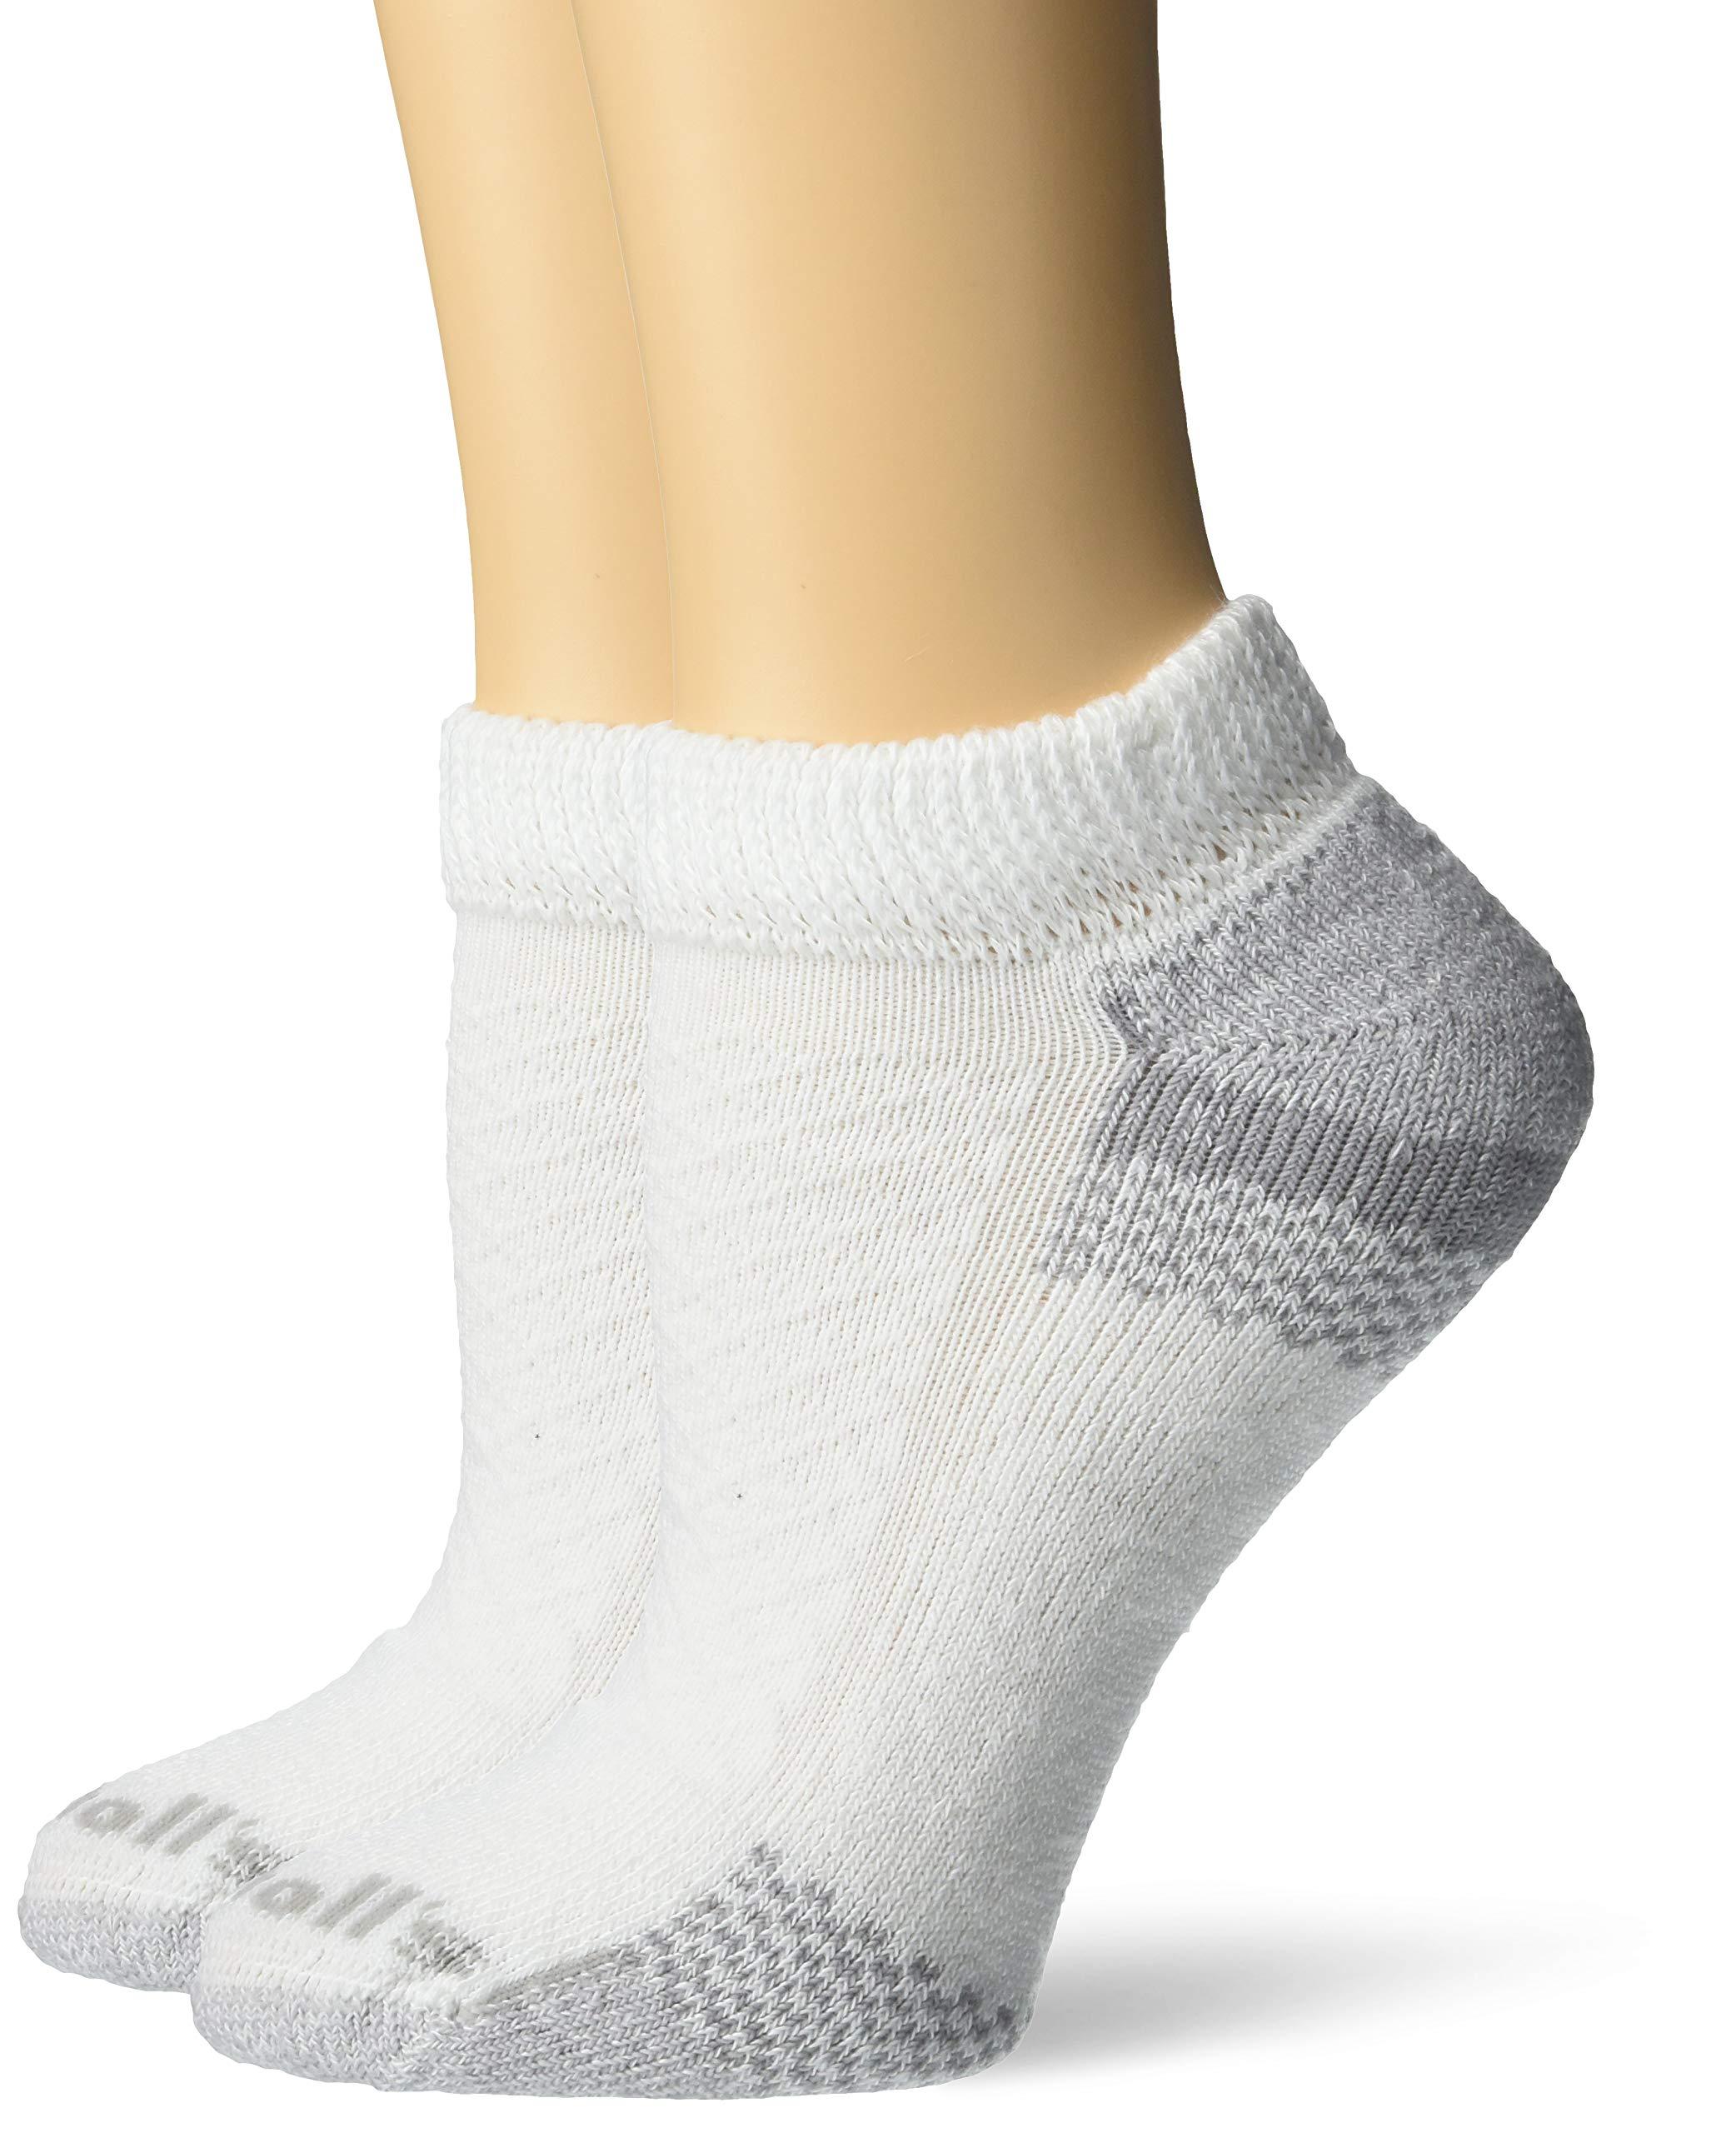 Dr. Scholl's Women's Diabetic & Circulatory Low Cut, white Shoe Size: 4-10